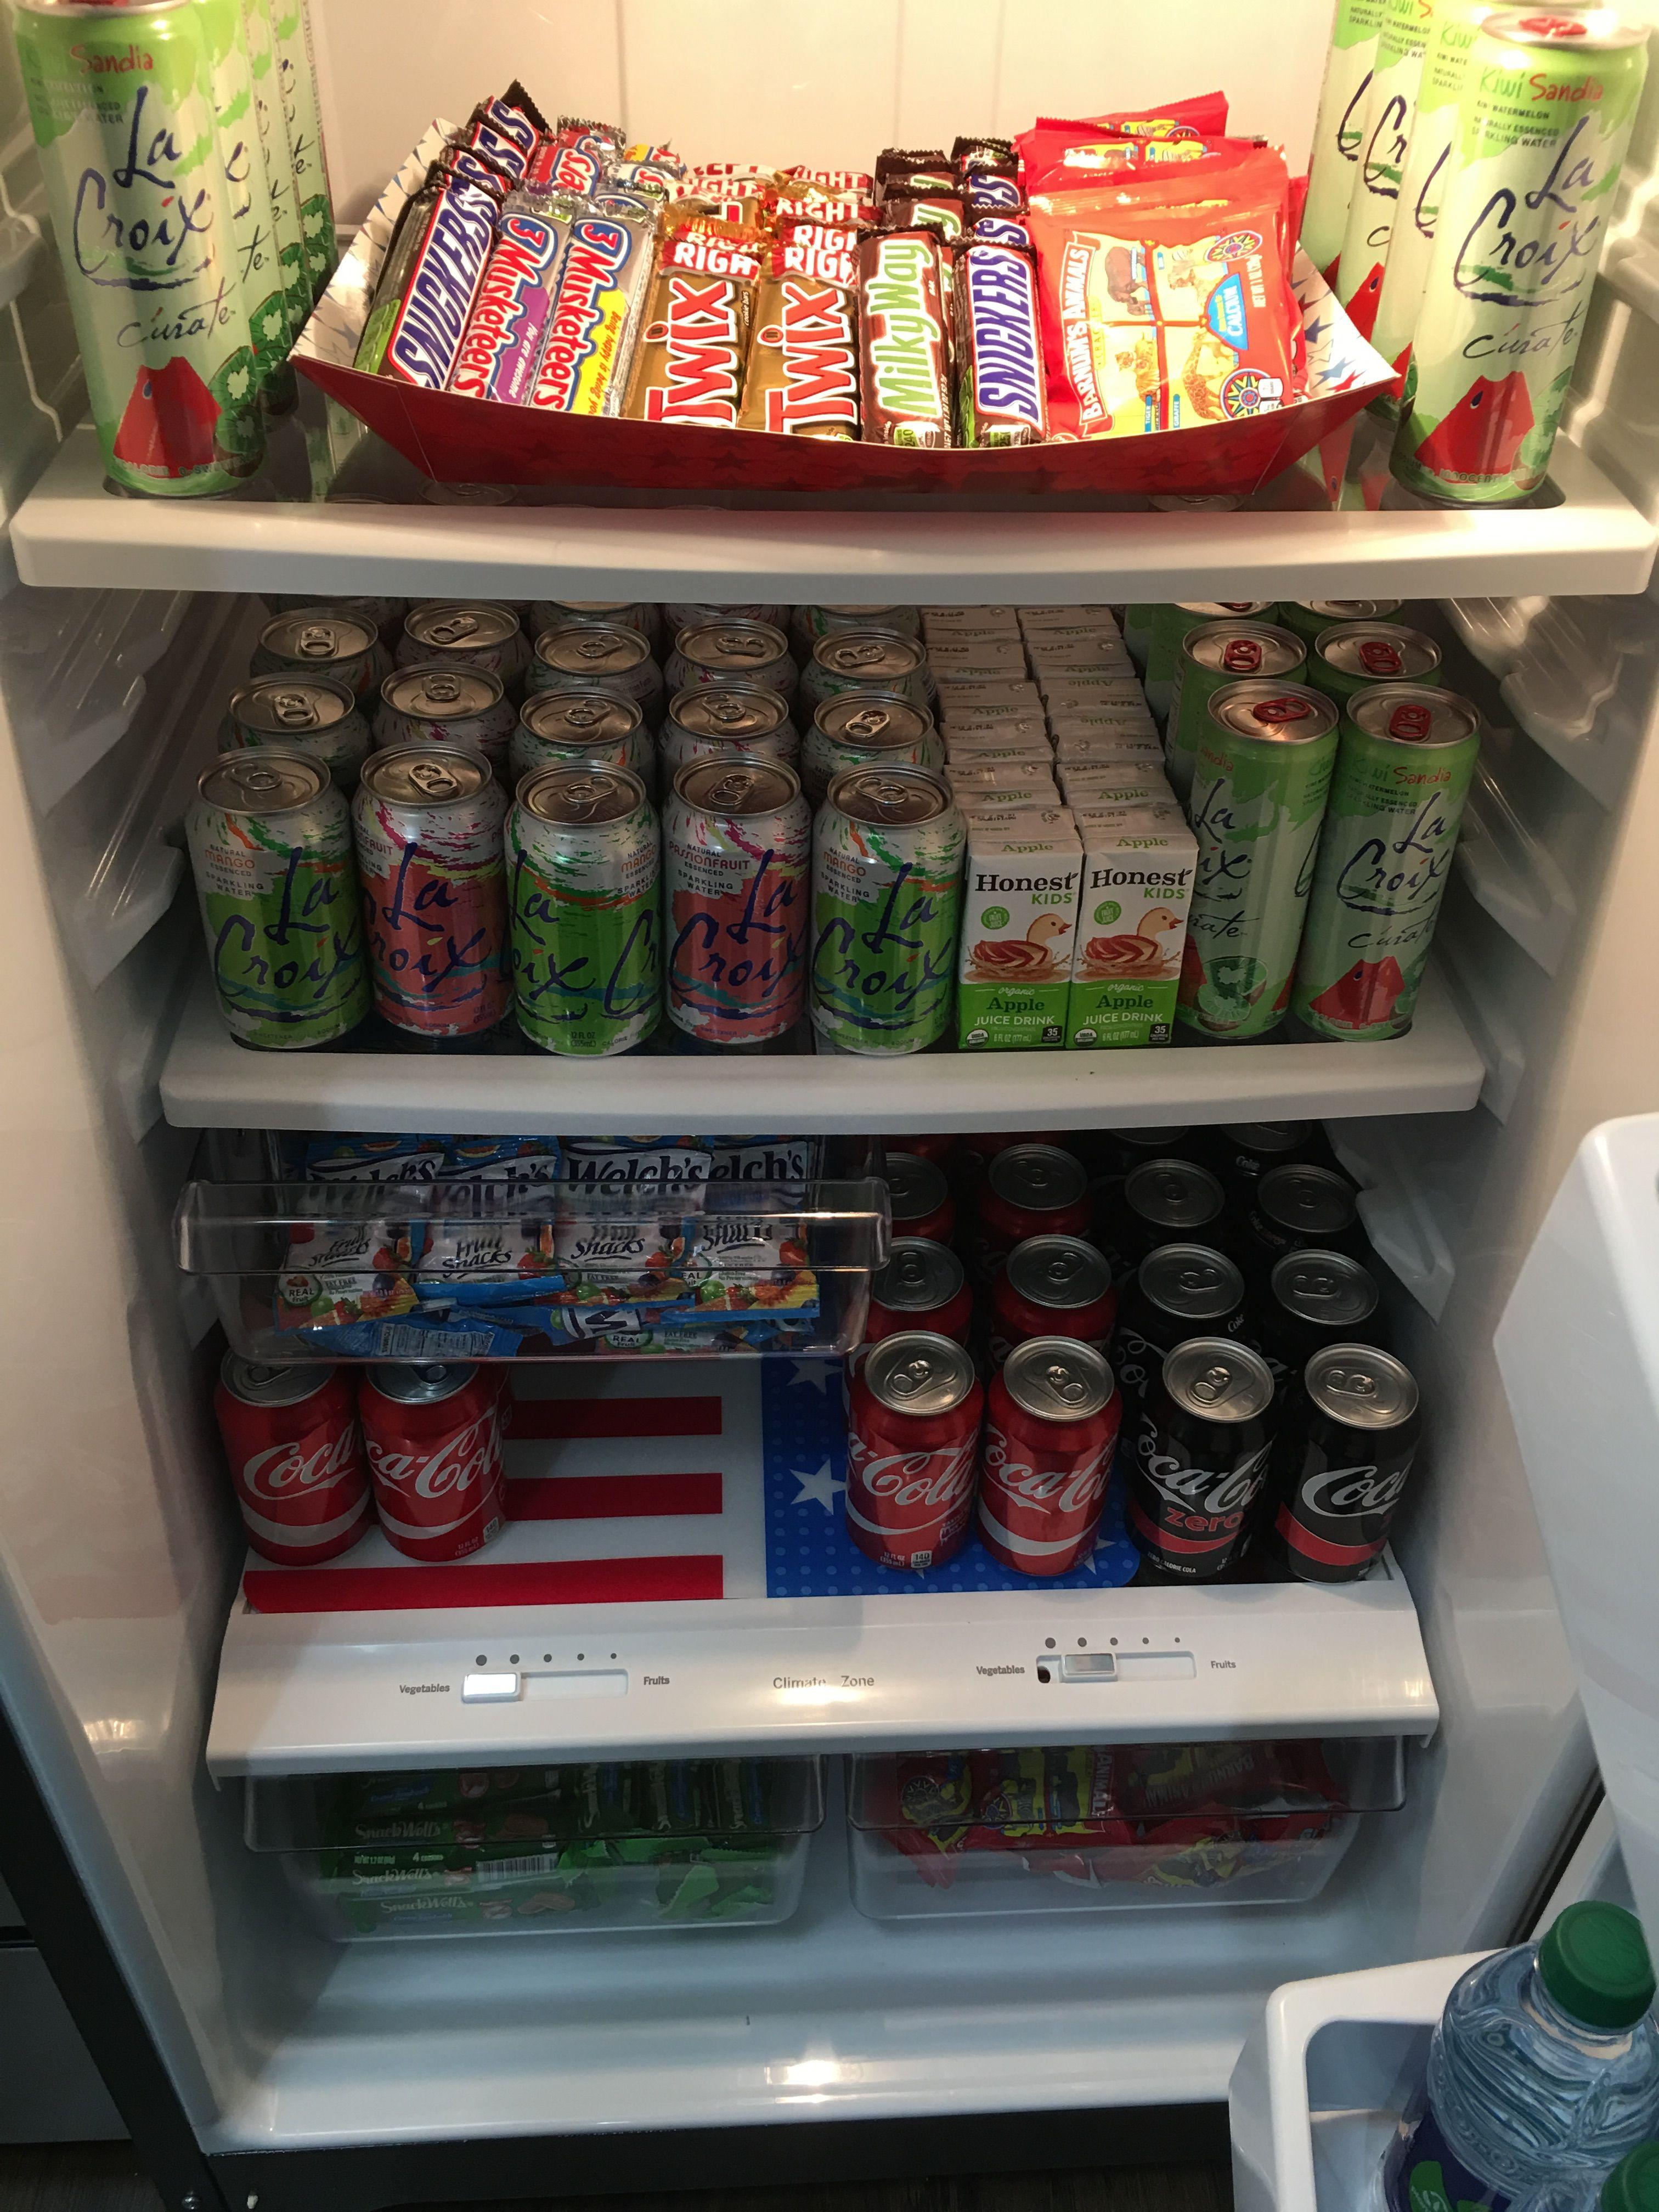 холодильник с конфетами картинки приступим